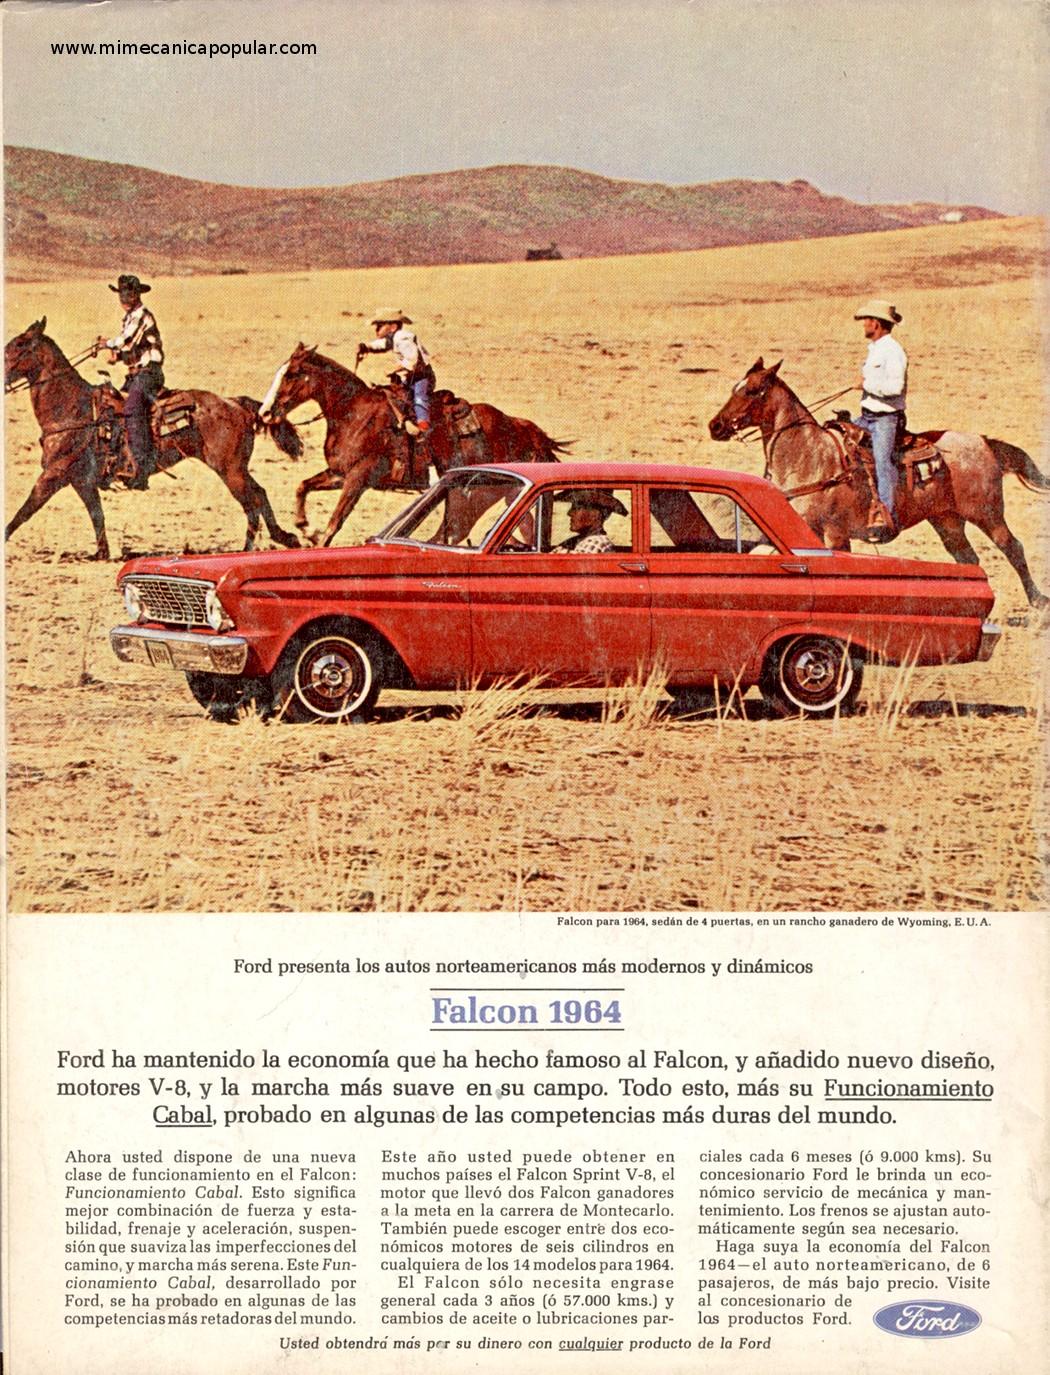 publicidad_ford_falcon_diciembre_1963-01.jpg